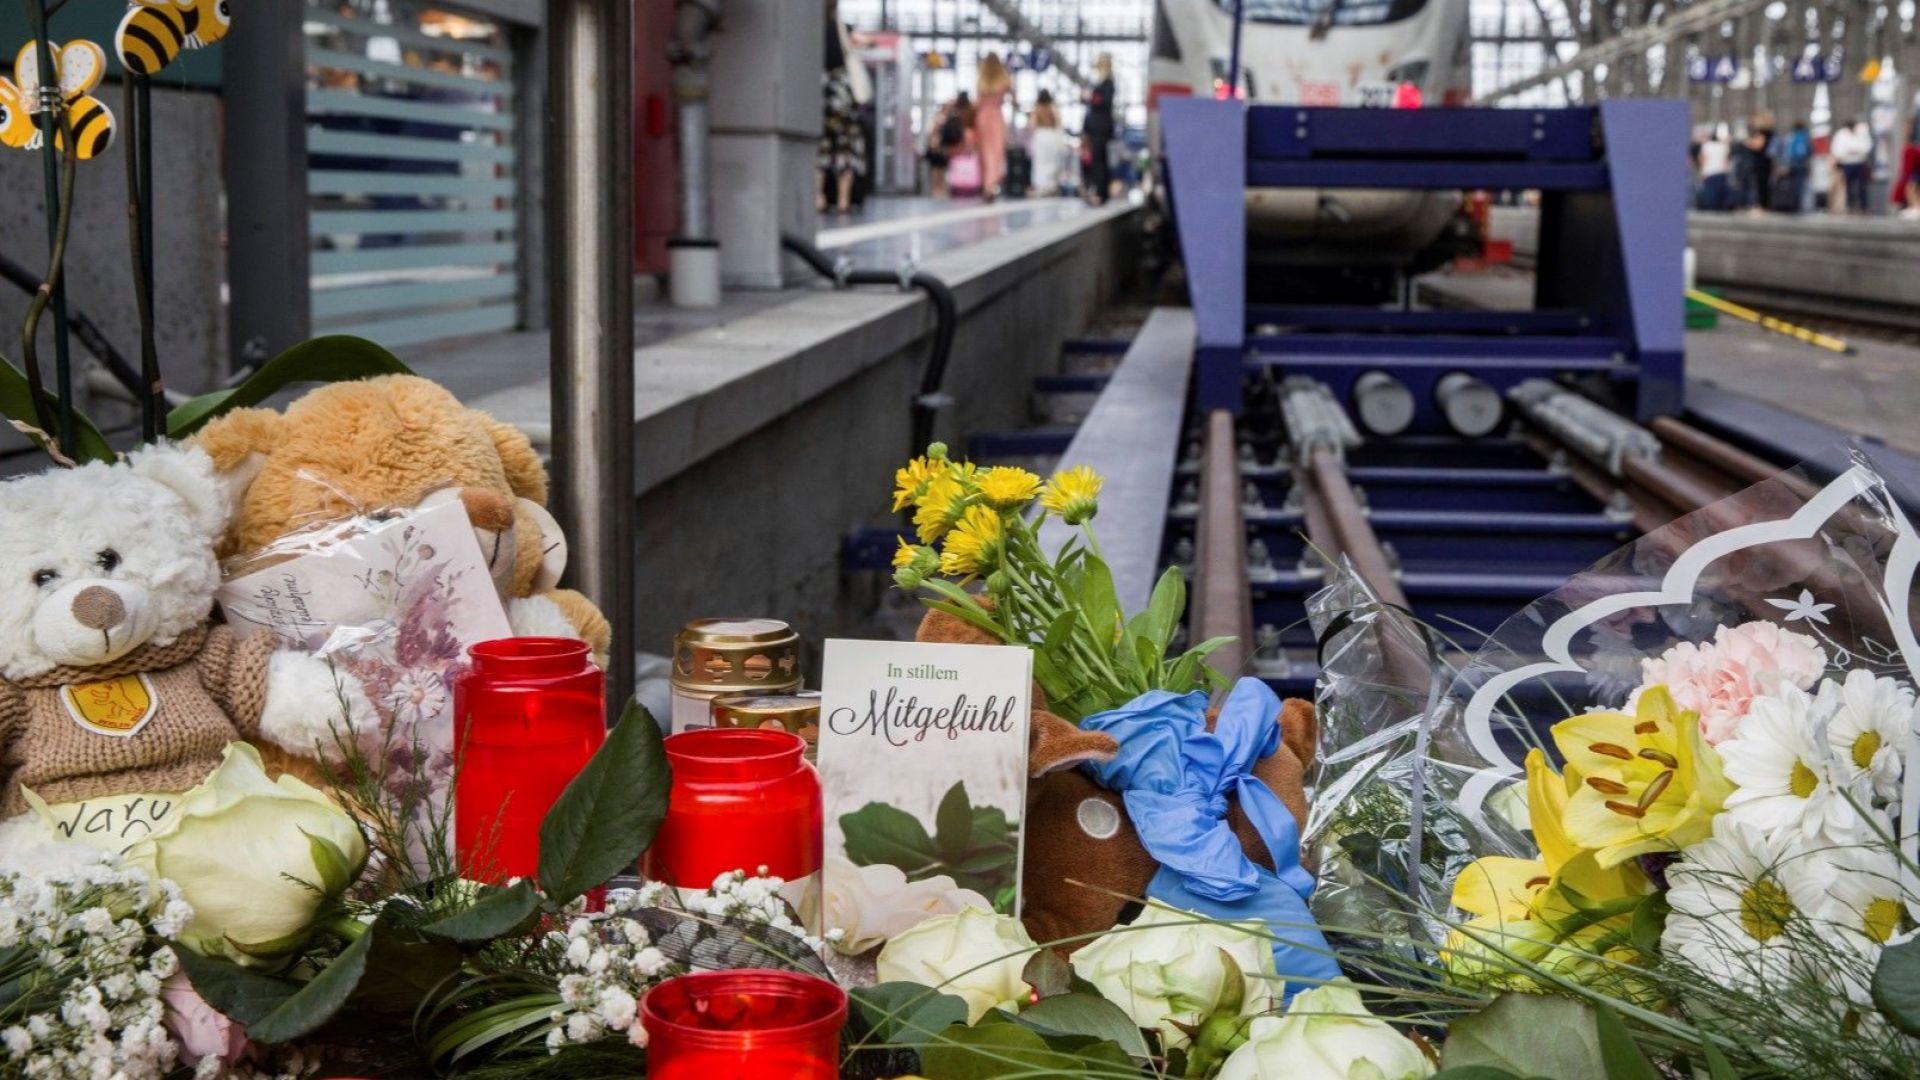 Еритреецът, убил дете на гара във Франкфурт, е с две обвинения